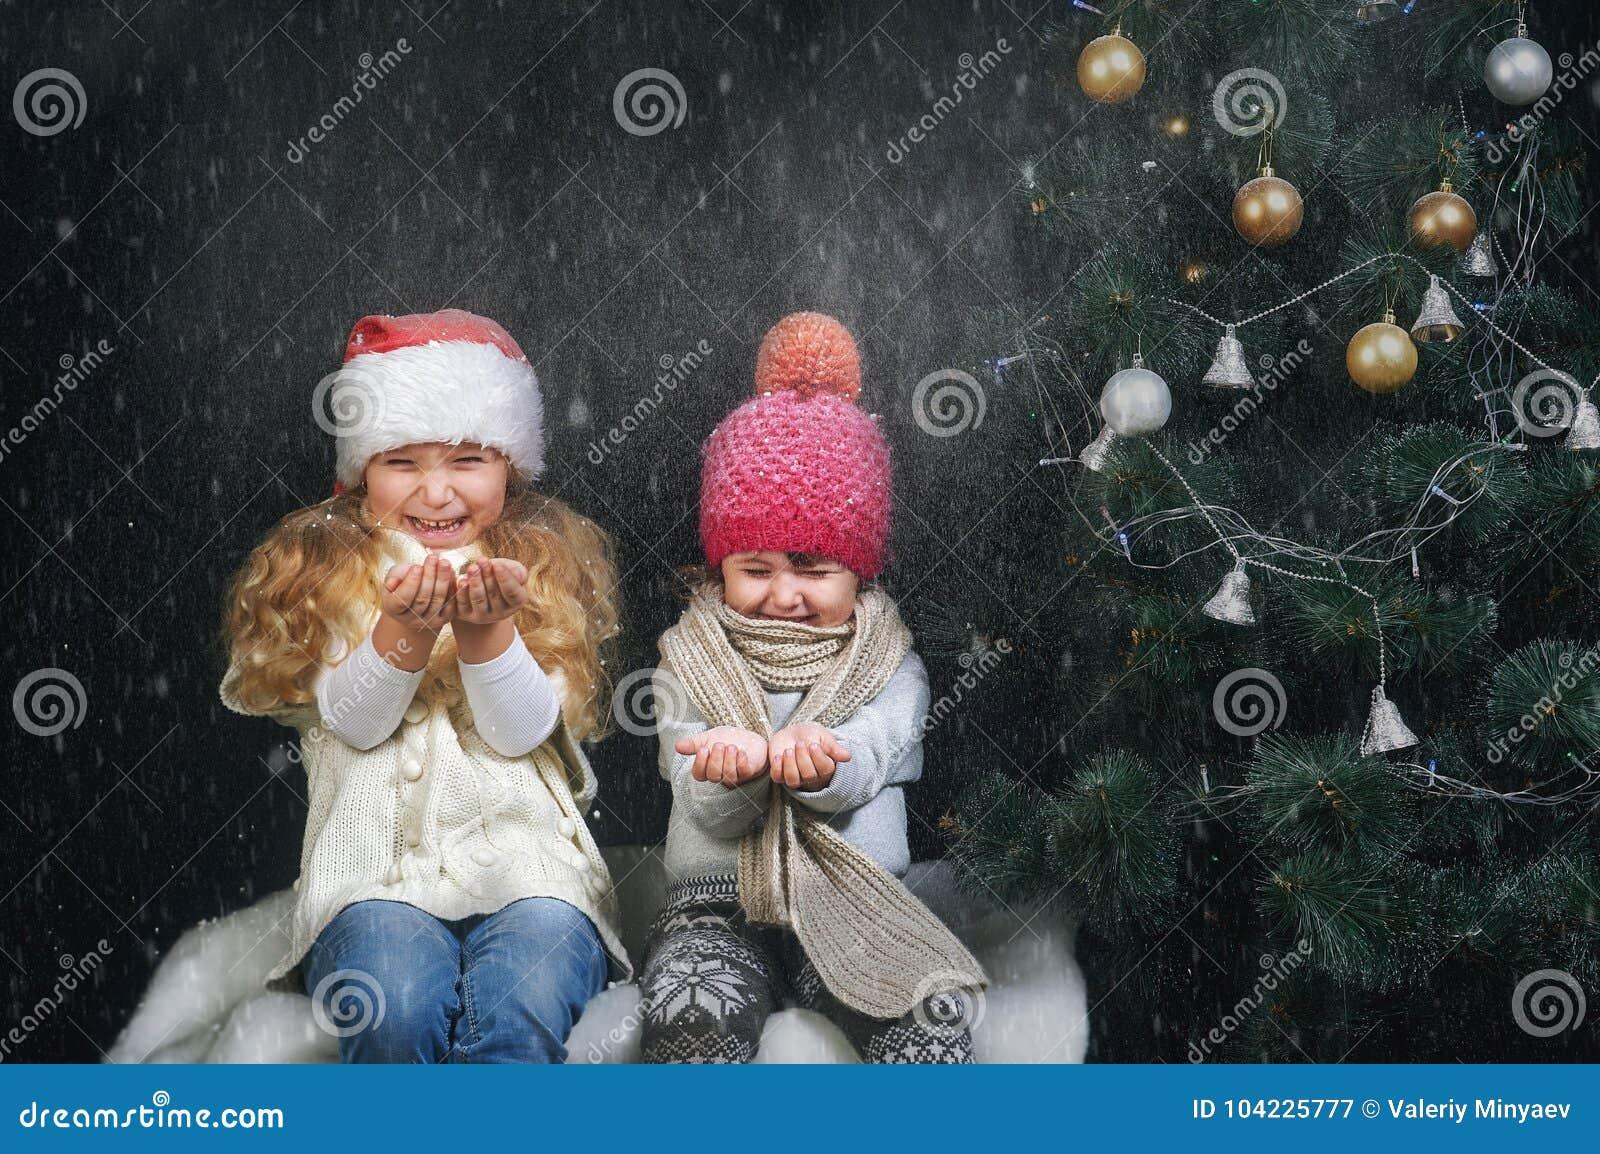 Παιδιά που παίζουν με snowflakes στο σκοτεινό υπόβαθρο κοντά στο χριστουγεννιάτικο δέντρο